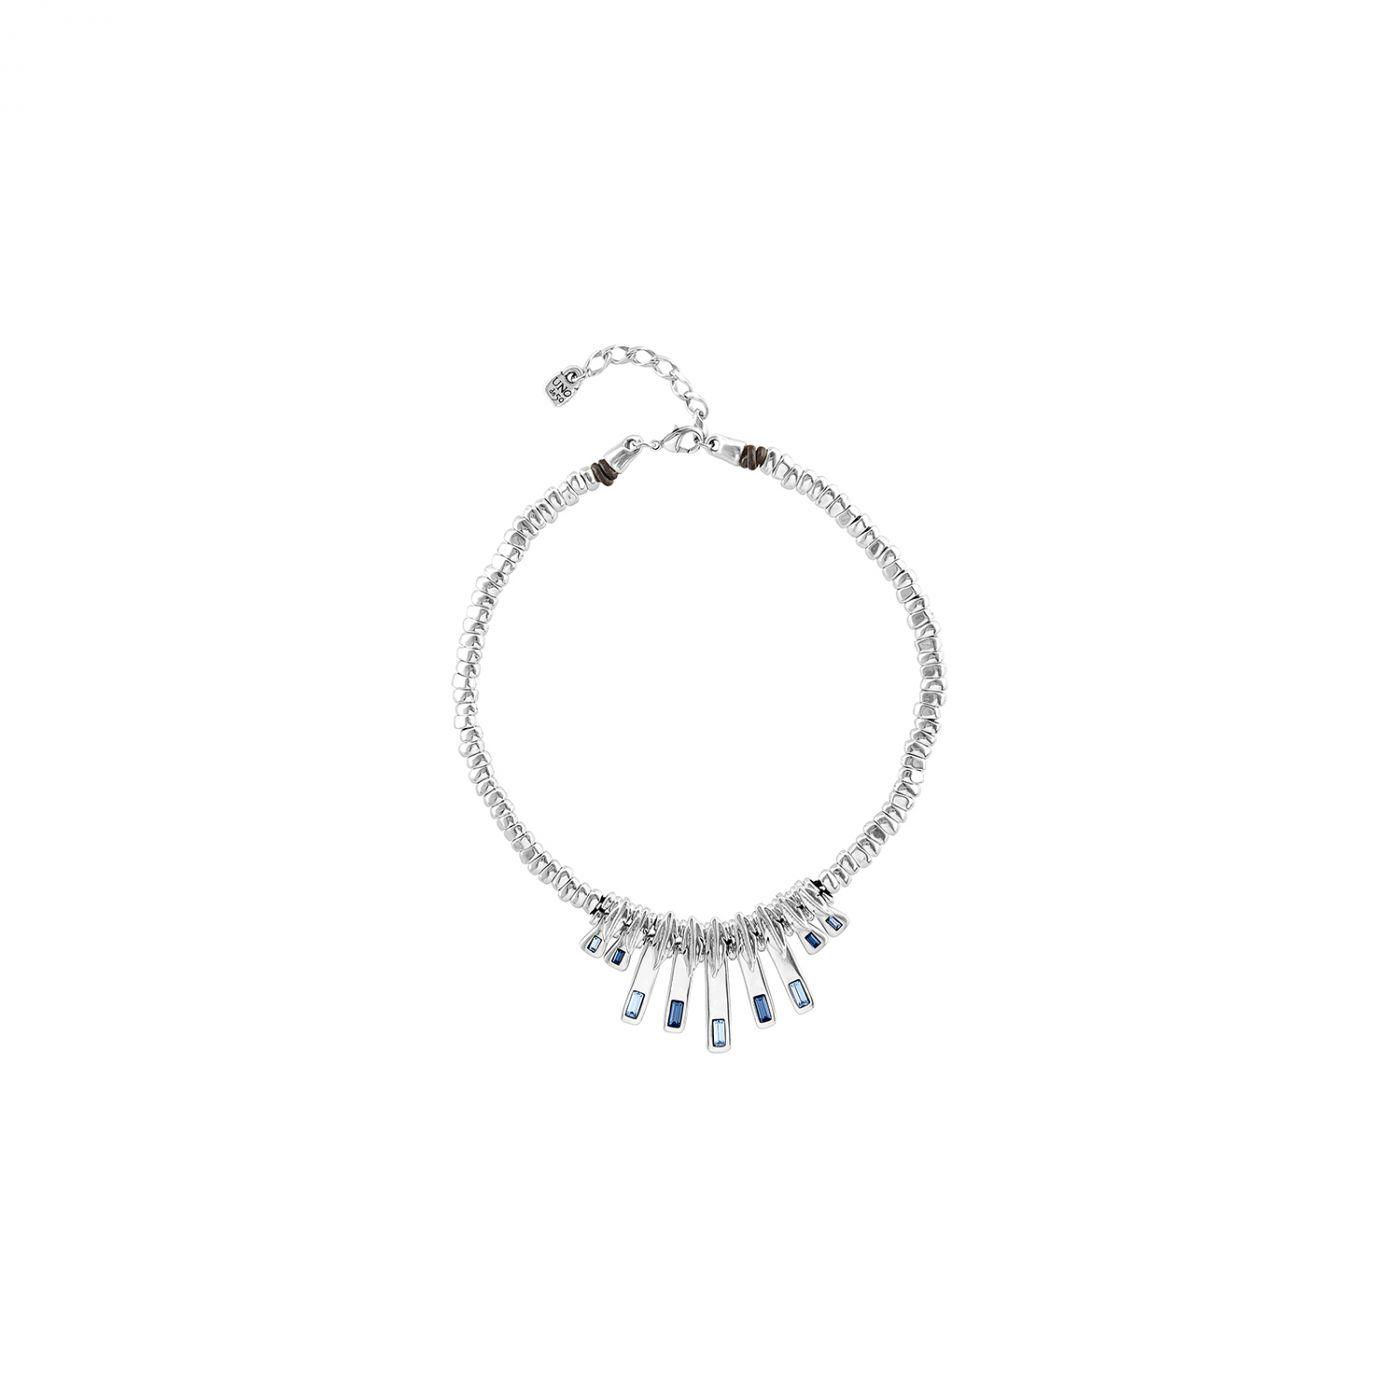 Uno de 50 Sparks Fly Necklace